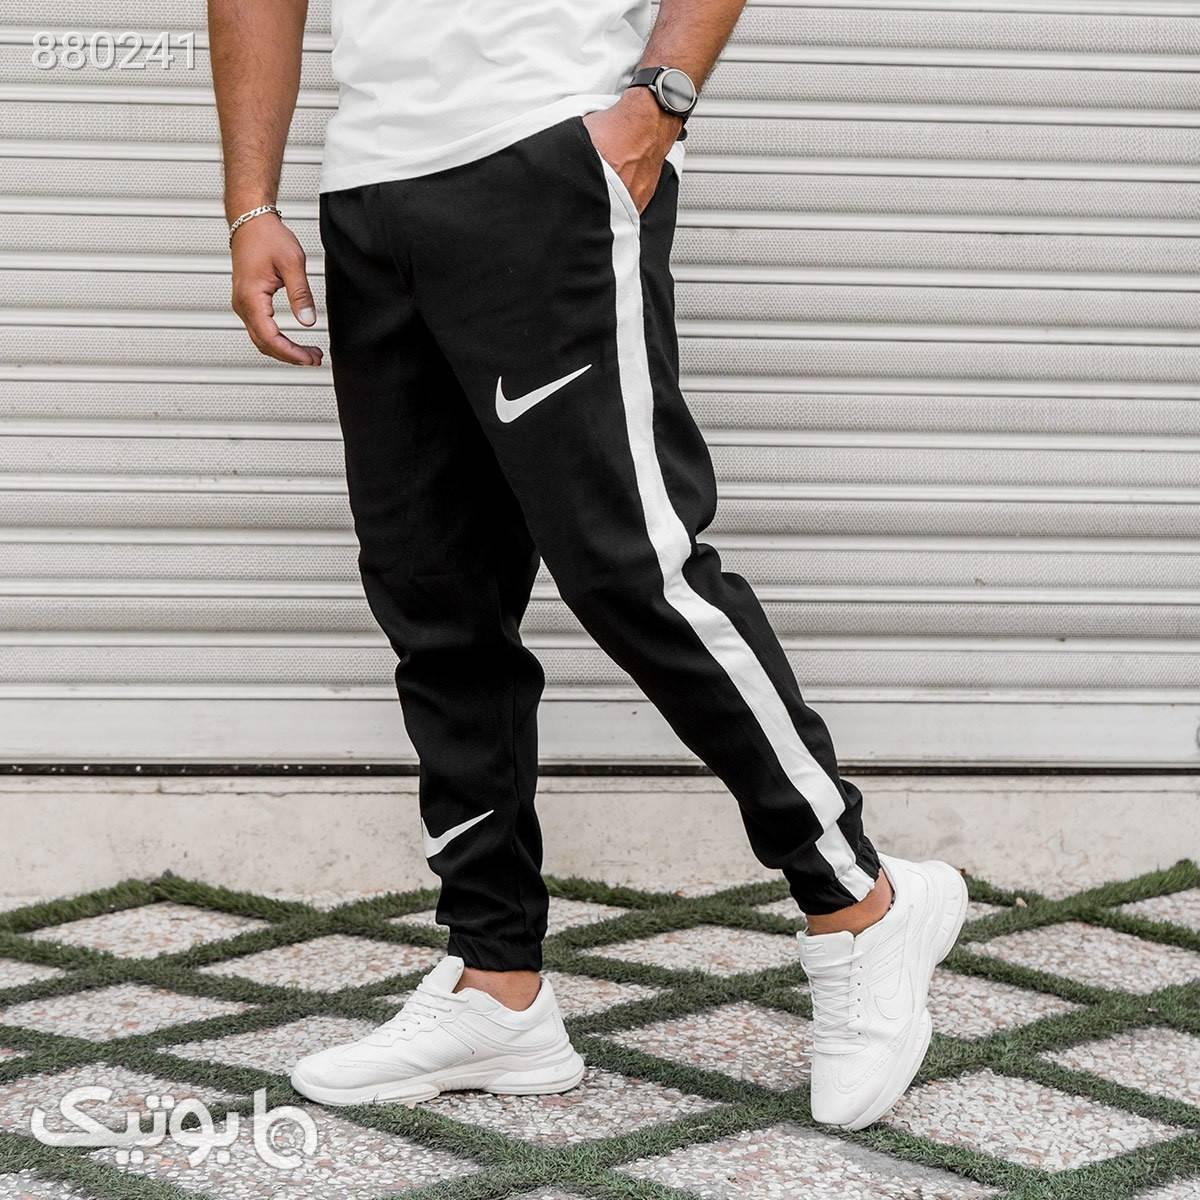 شلوار اسلش Nike مردانه مدل Rizon مشکی شلوار اسلش مردانه